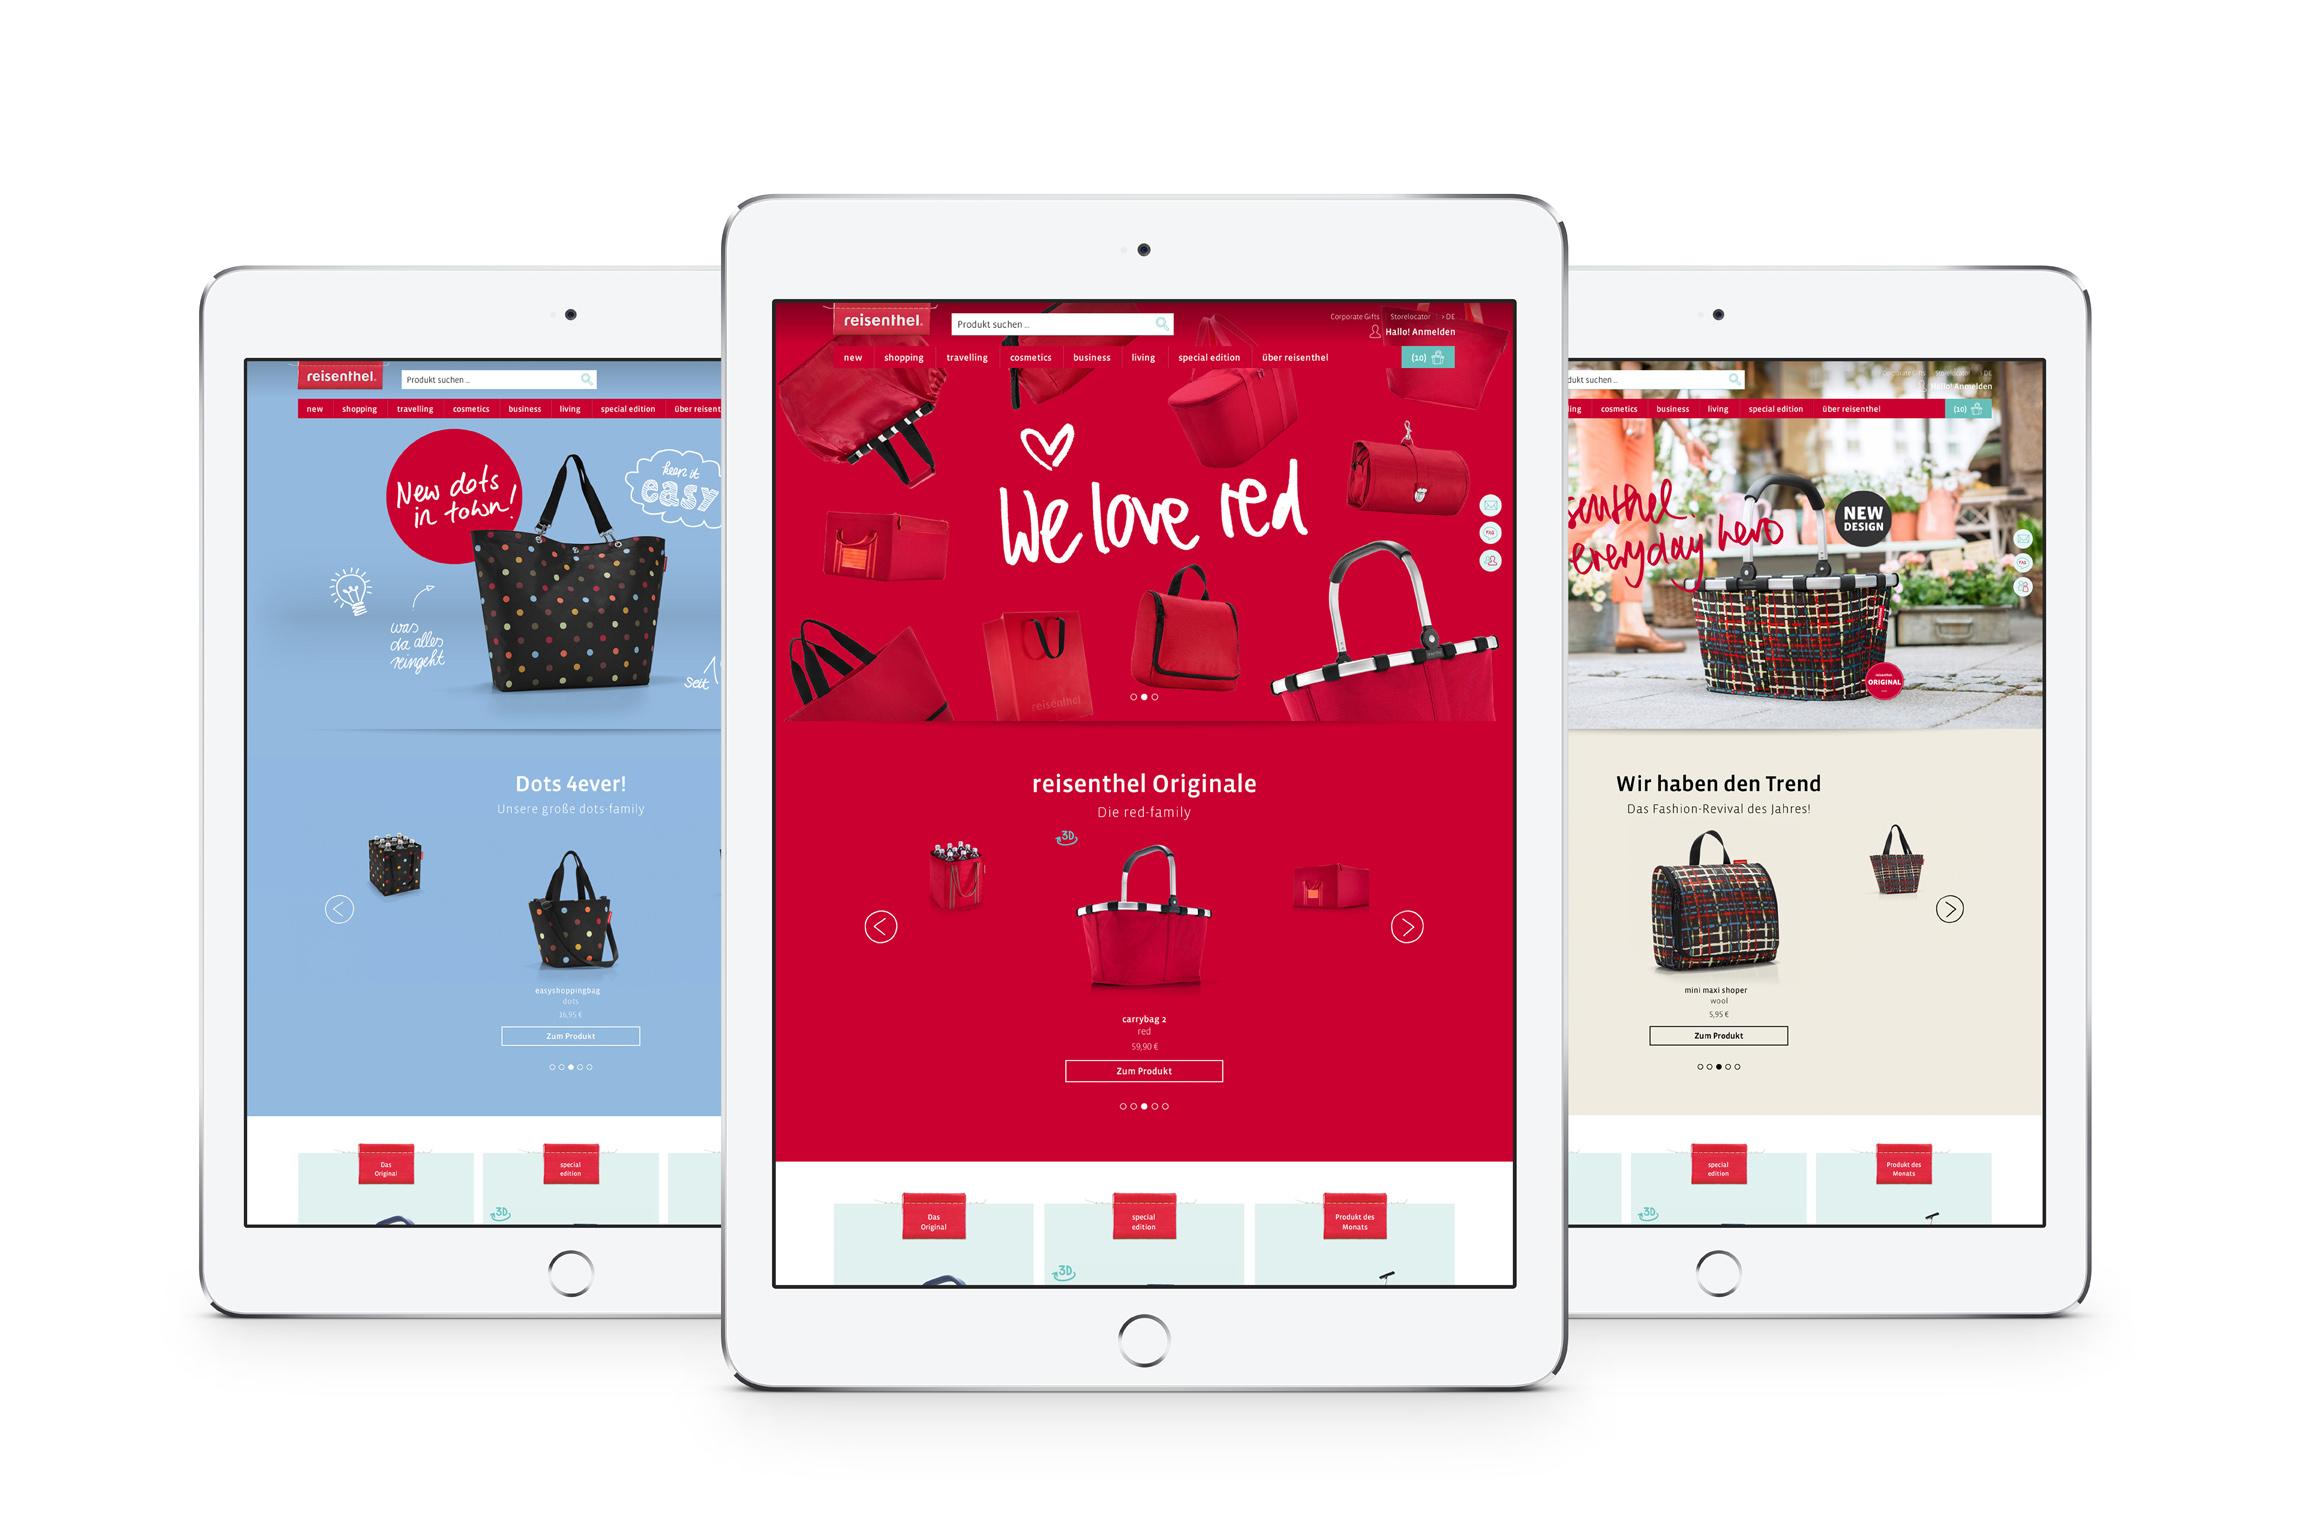 Zeichen amp Wunder entwickelt Markenwebsite und Shopdesign von reisenthel.com